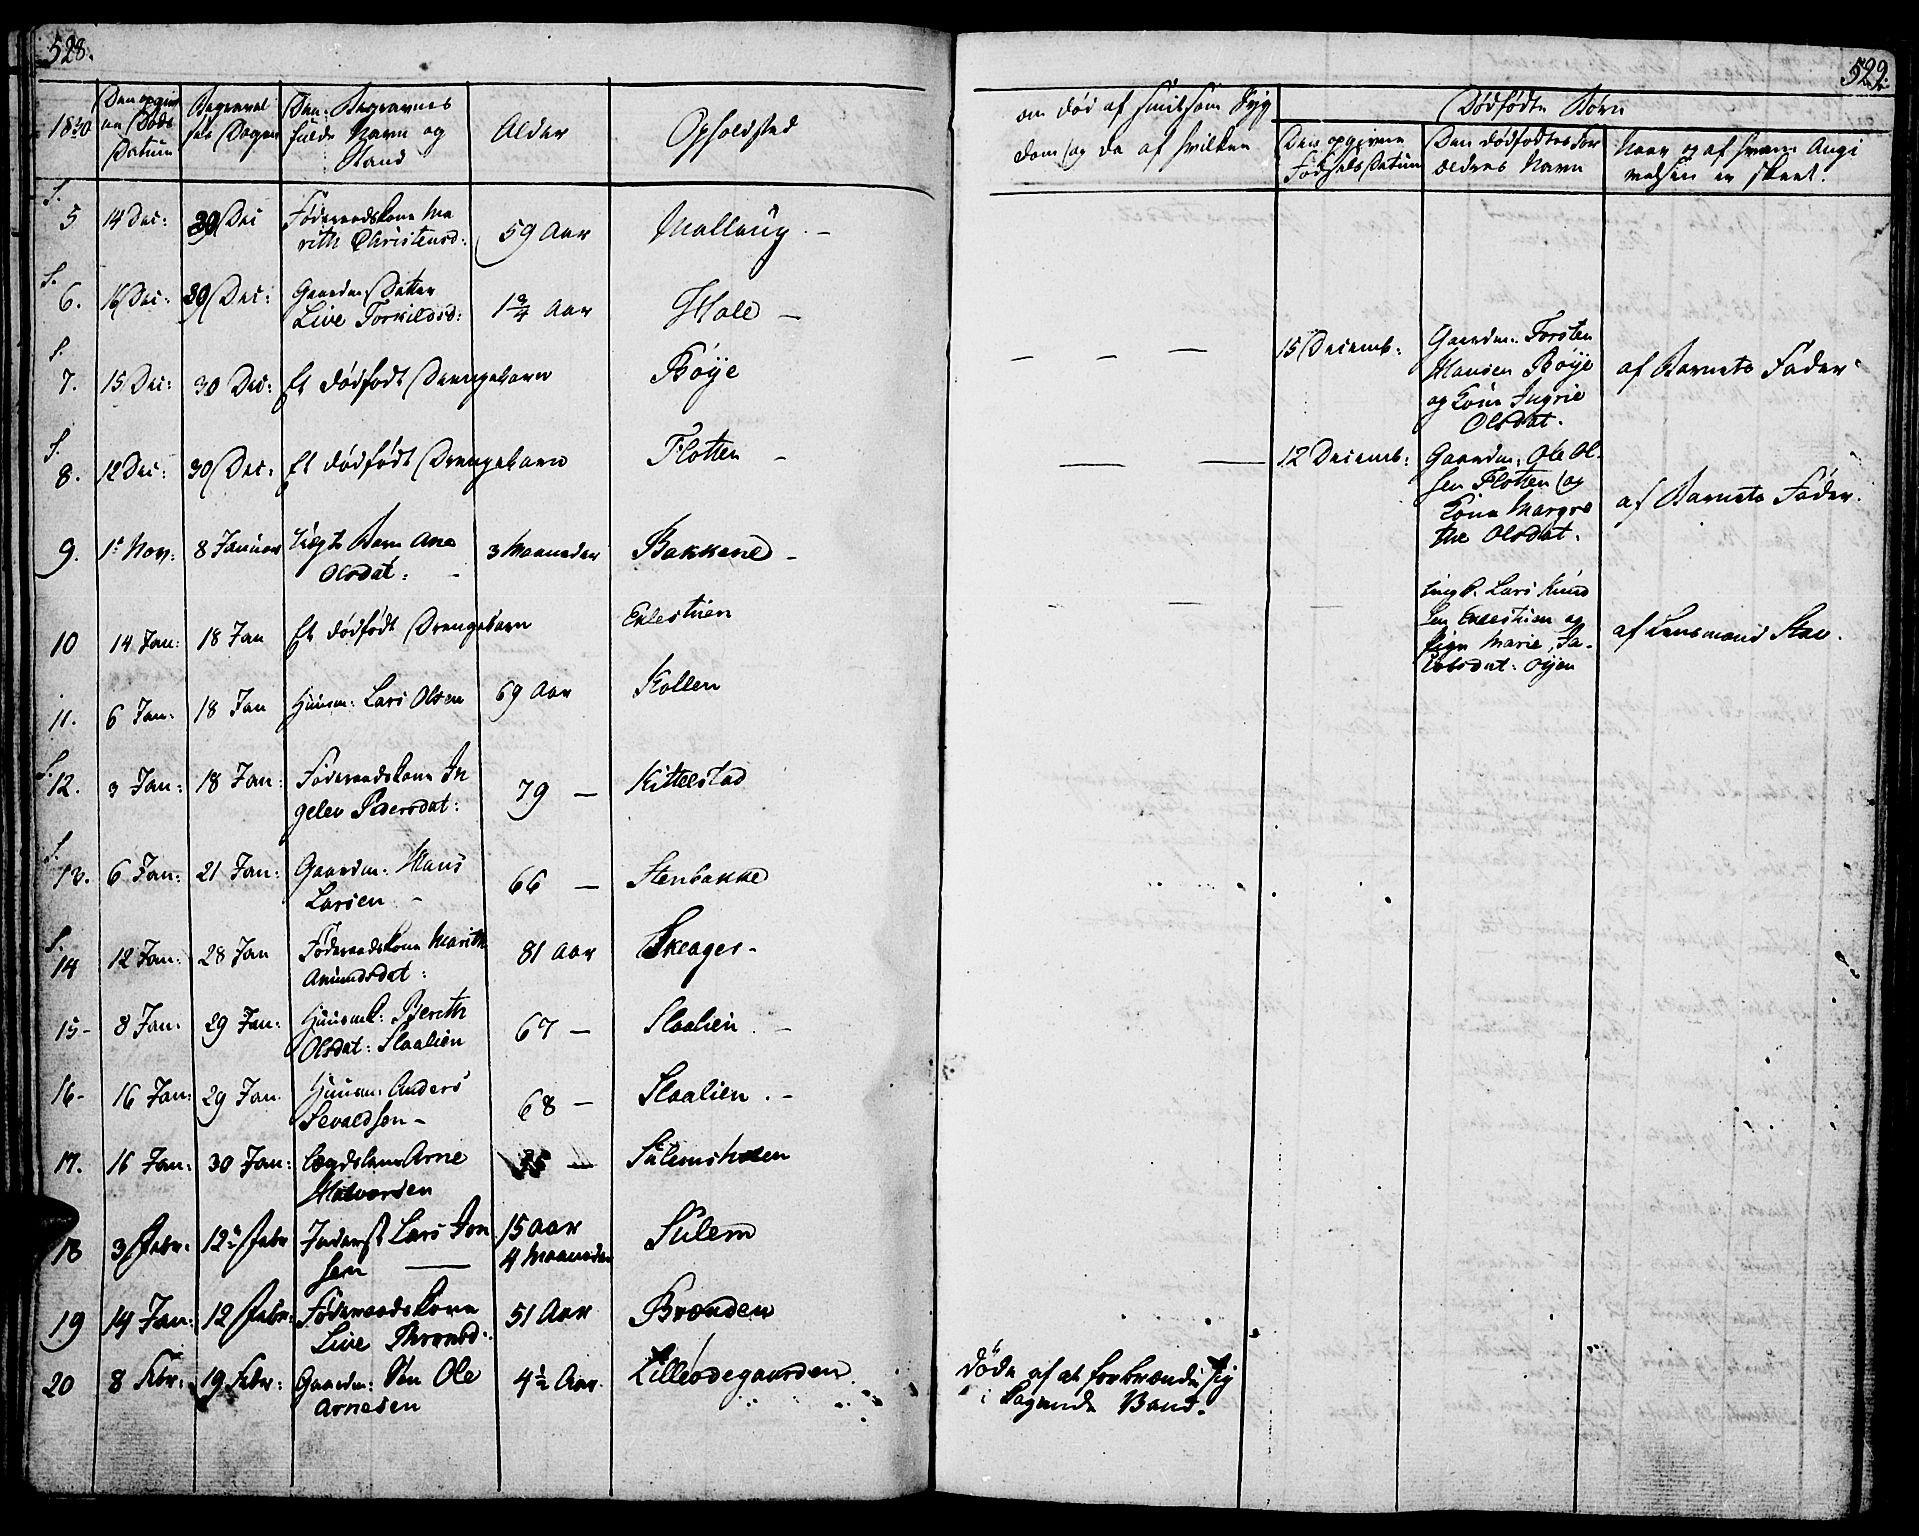 SAH, Lom prestekontor, K/L0005: Ministerialbok nr. 5, 1825-1837, s. 528-529